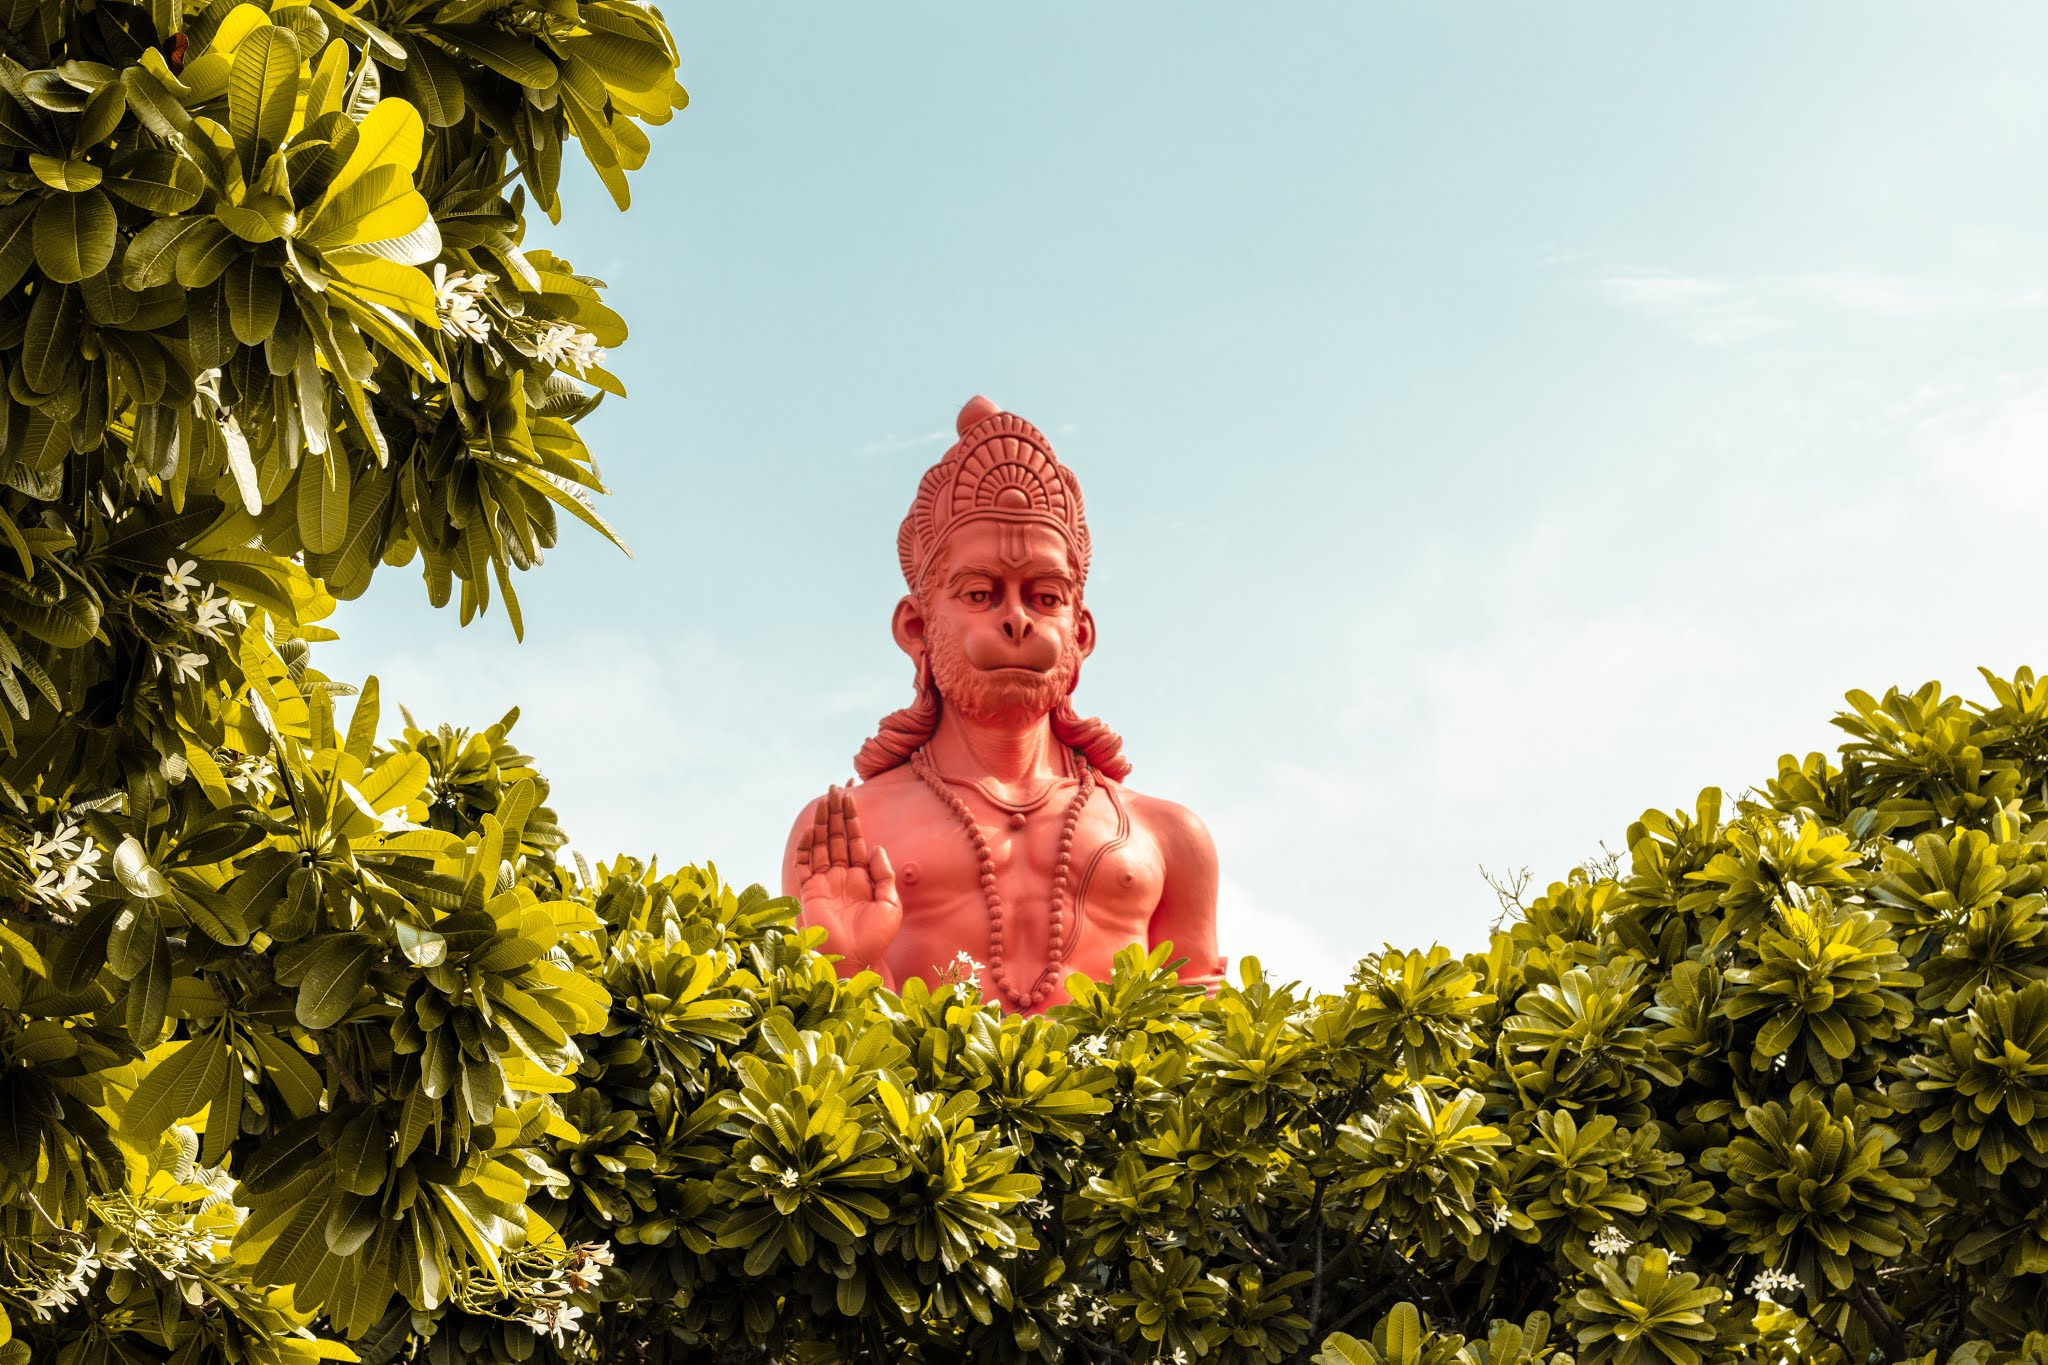 Hanuman-Moola-Mantra, Hanuman-Gayatri-Mantra, Manojavam-Marutatulyavegam-Mantra